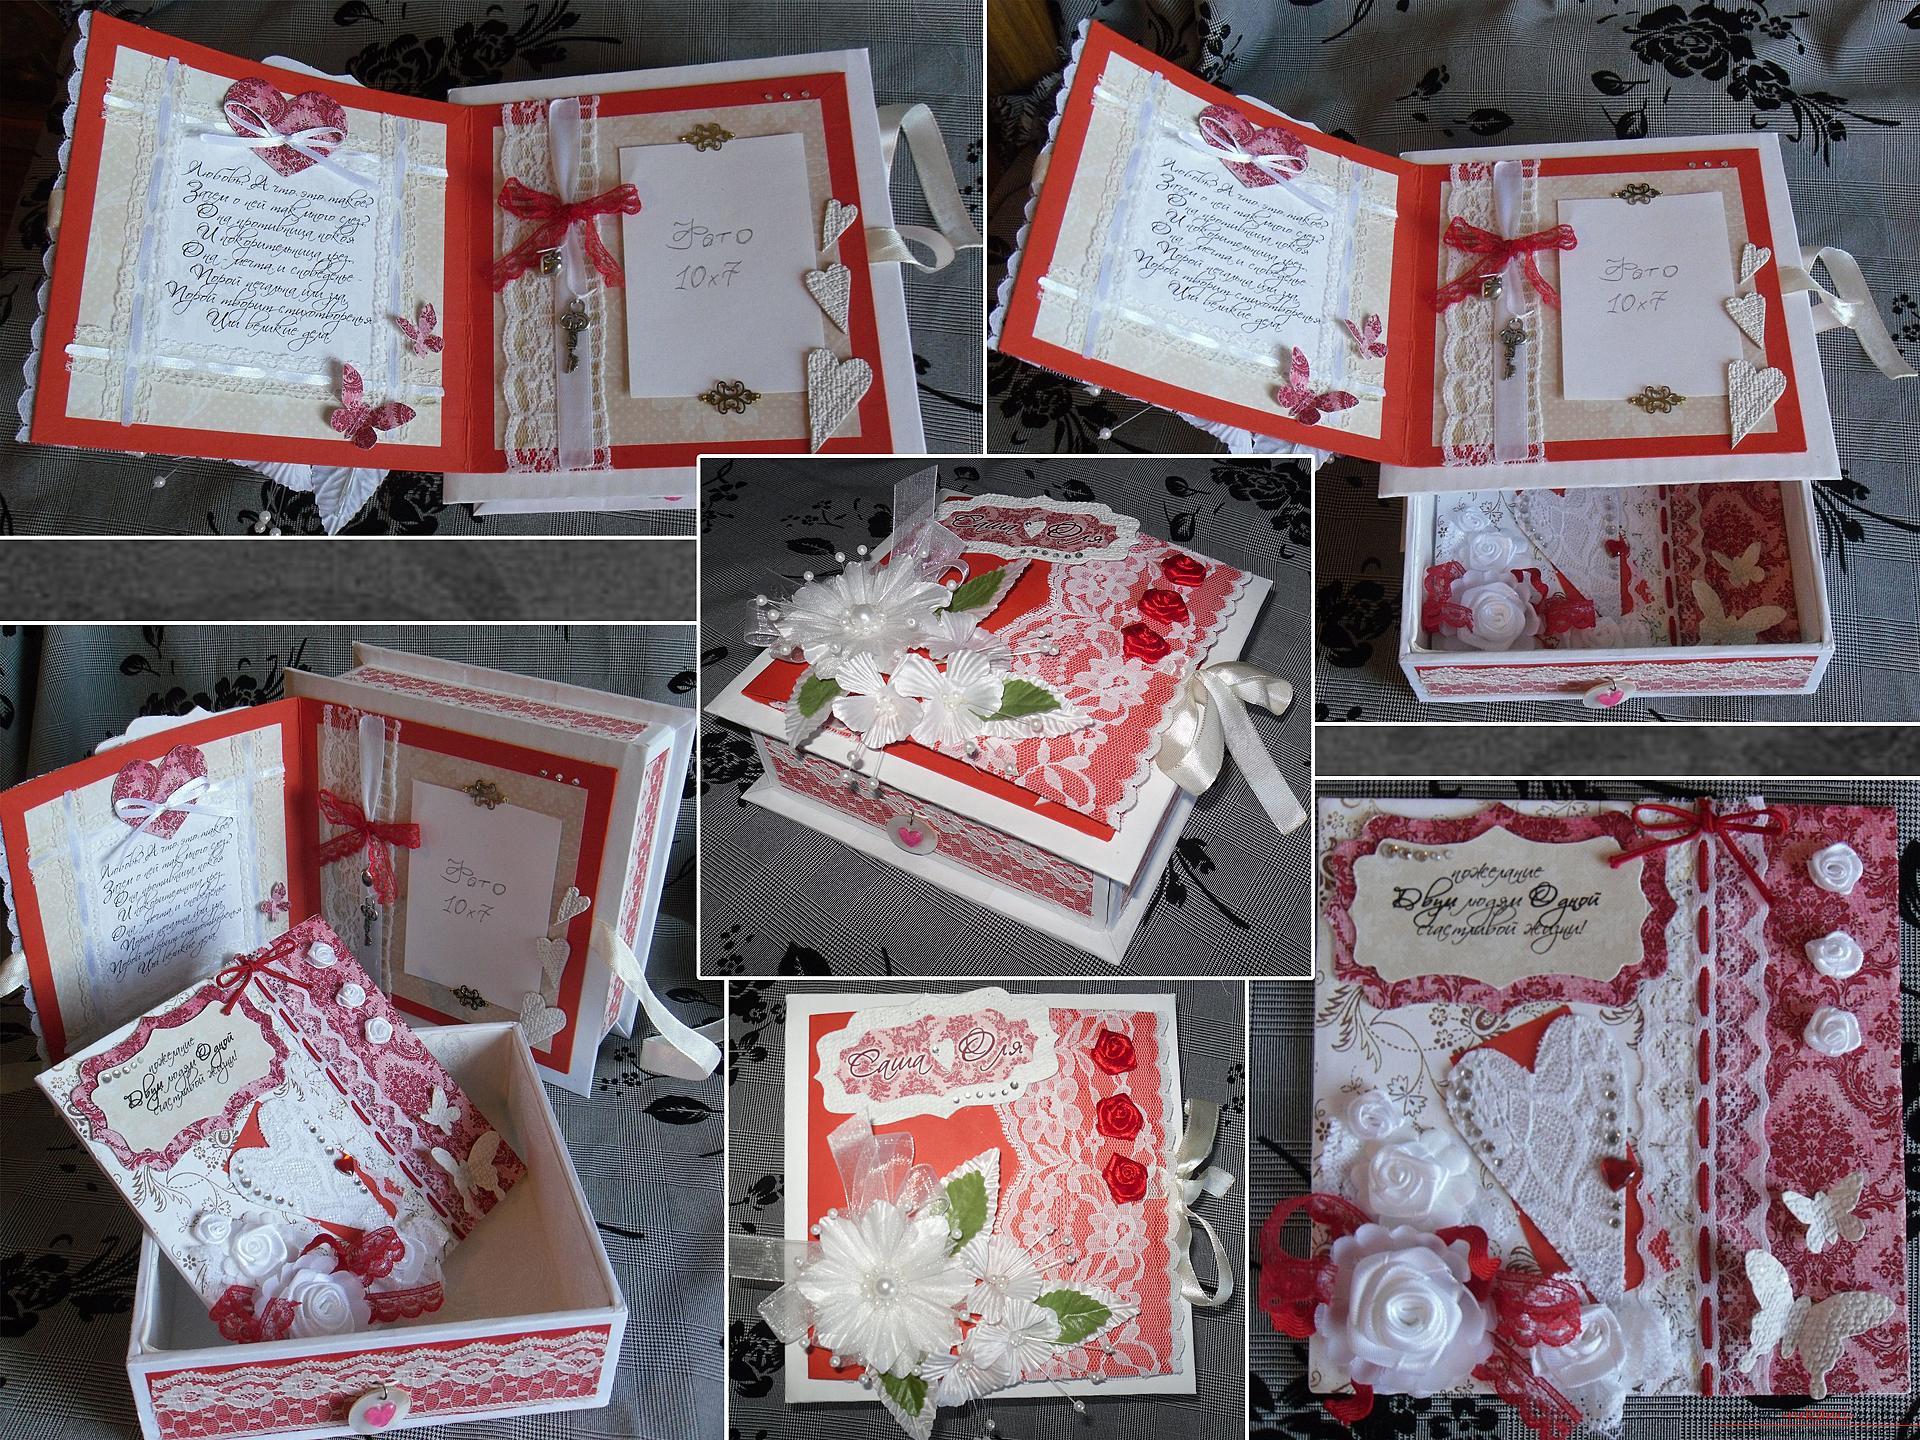 Как сделать своими руками коробку для подарков на свадьбу своими руками